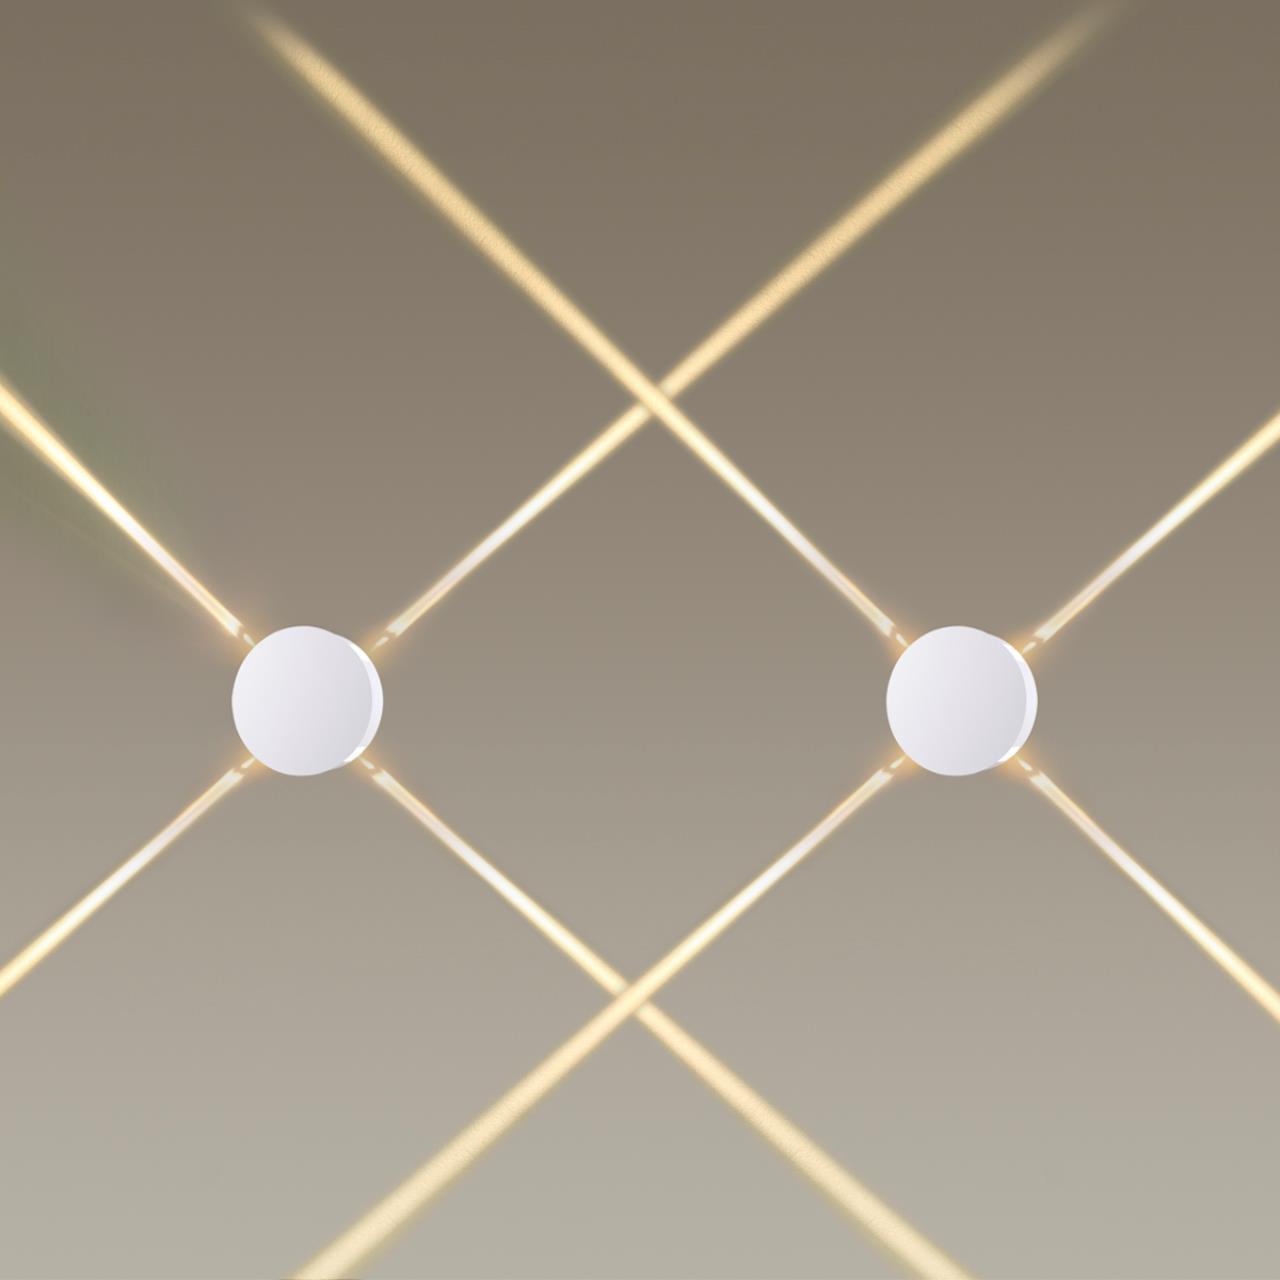 Потолочный светильник Sonex Villa 4261, 4xE27x60W, бронза, матовый, прозрачный, металл, стекло - фото 8